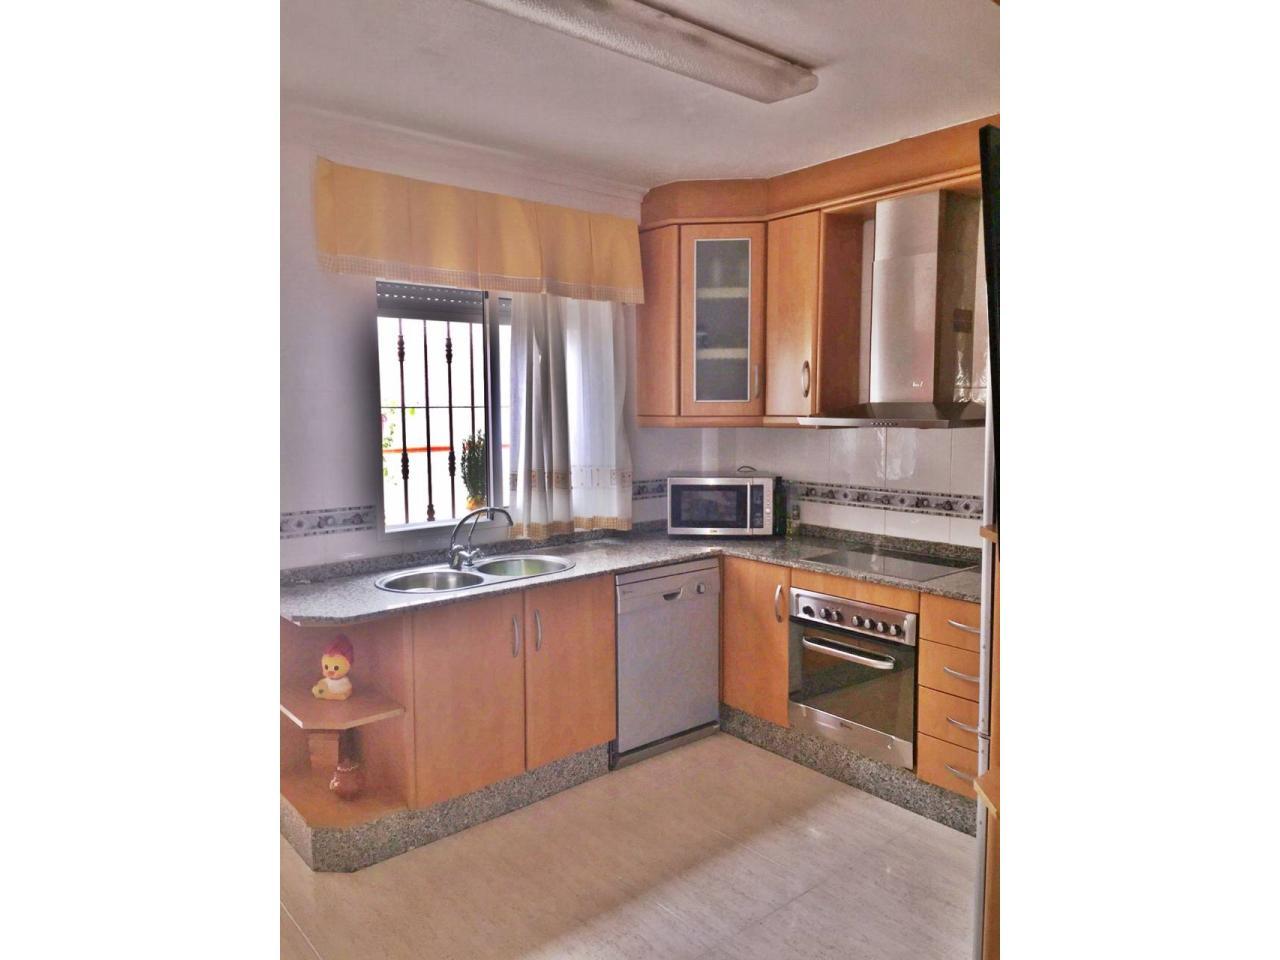 Inmobiliaria Gessicon D Plex En Venta En Bigastro Por 106 000  # Muebles Bigastro